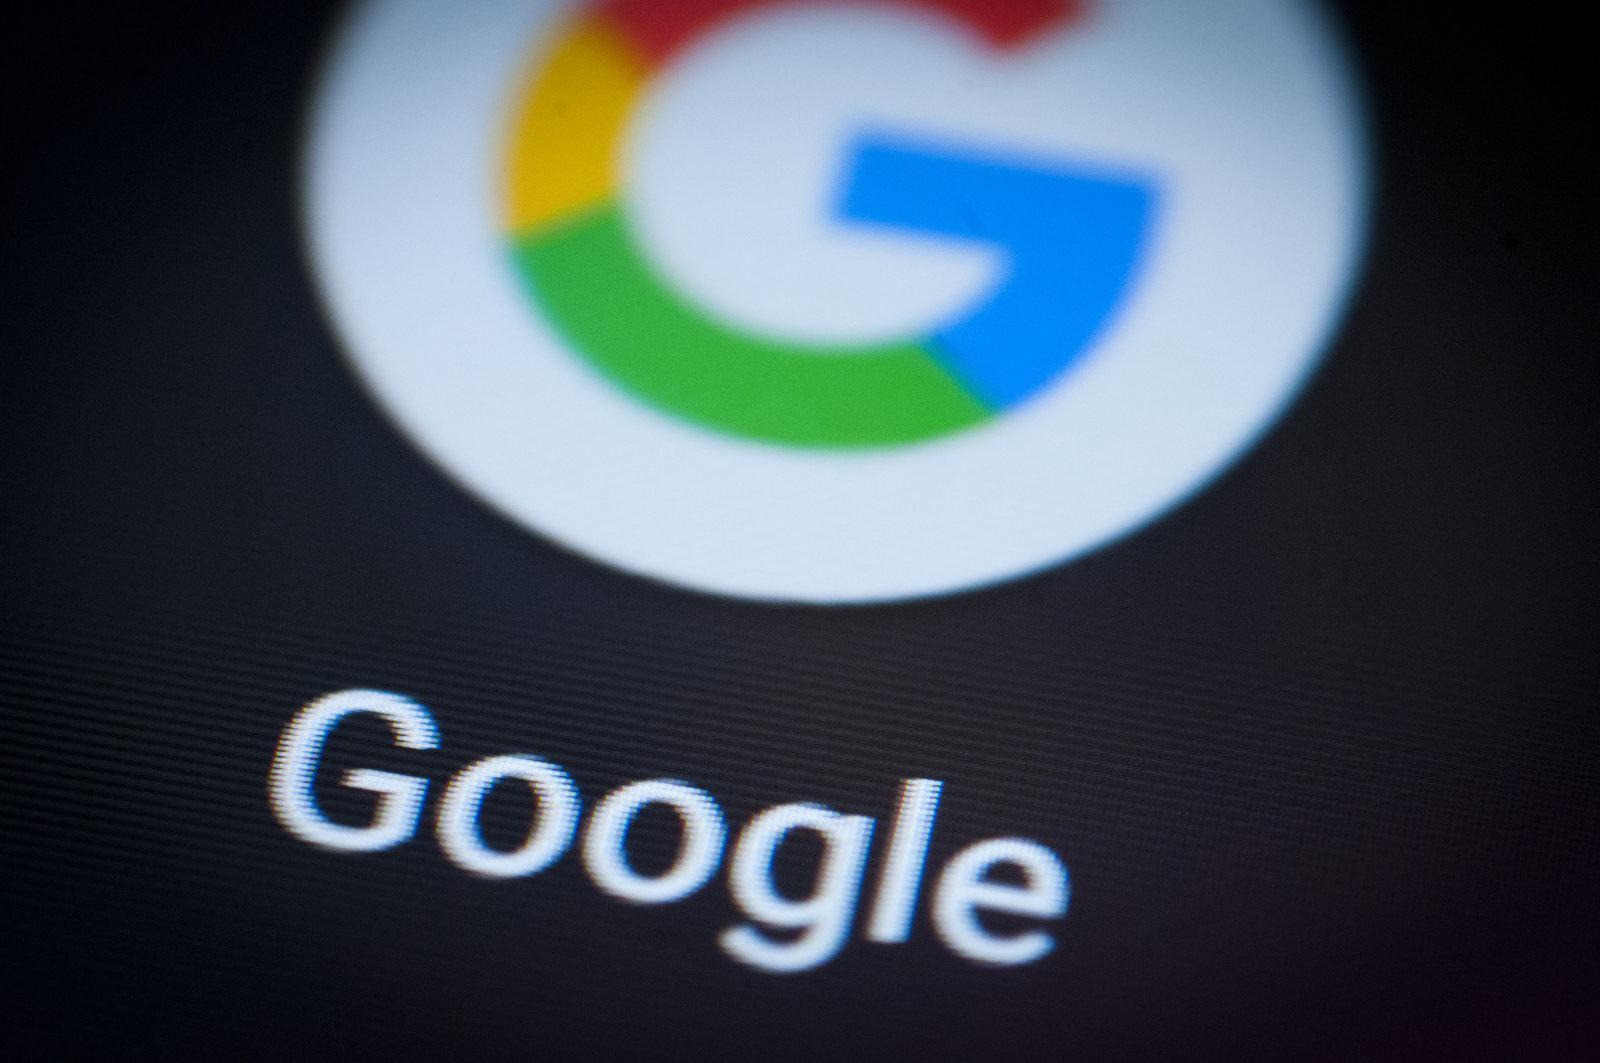 谷歌不服欧盟反垄断罚款50亿美元判决,已提起上诉